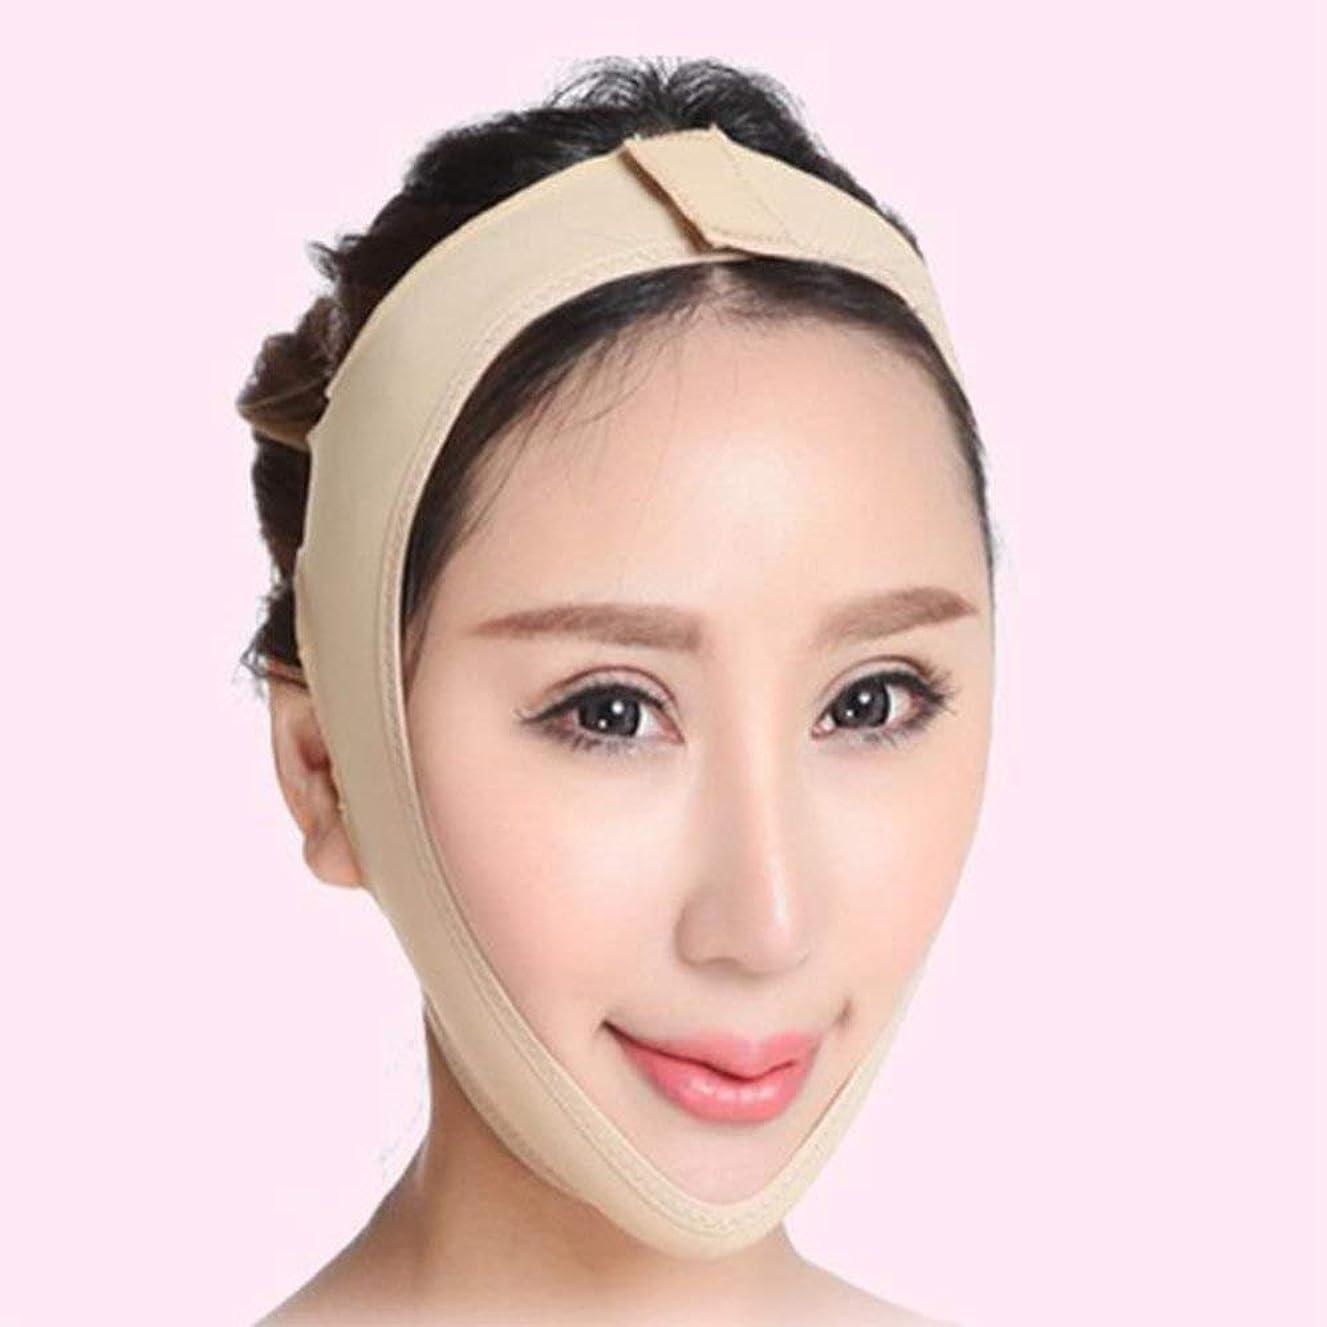 有効なタイピスト著名なMR 小顔マスク リフトアップ マスク フェイスラインシャープ メンズ レディース Mサイズ MR-AZD15003-M